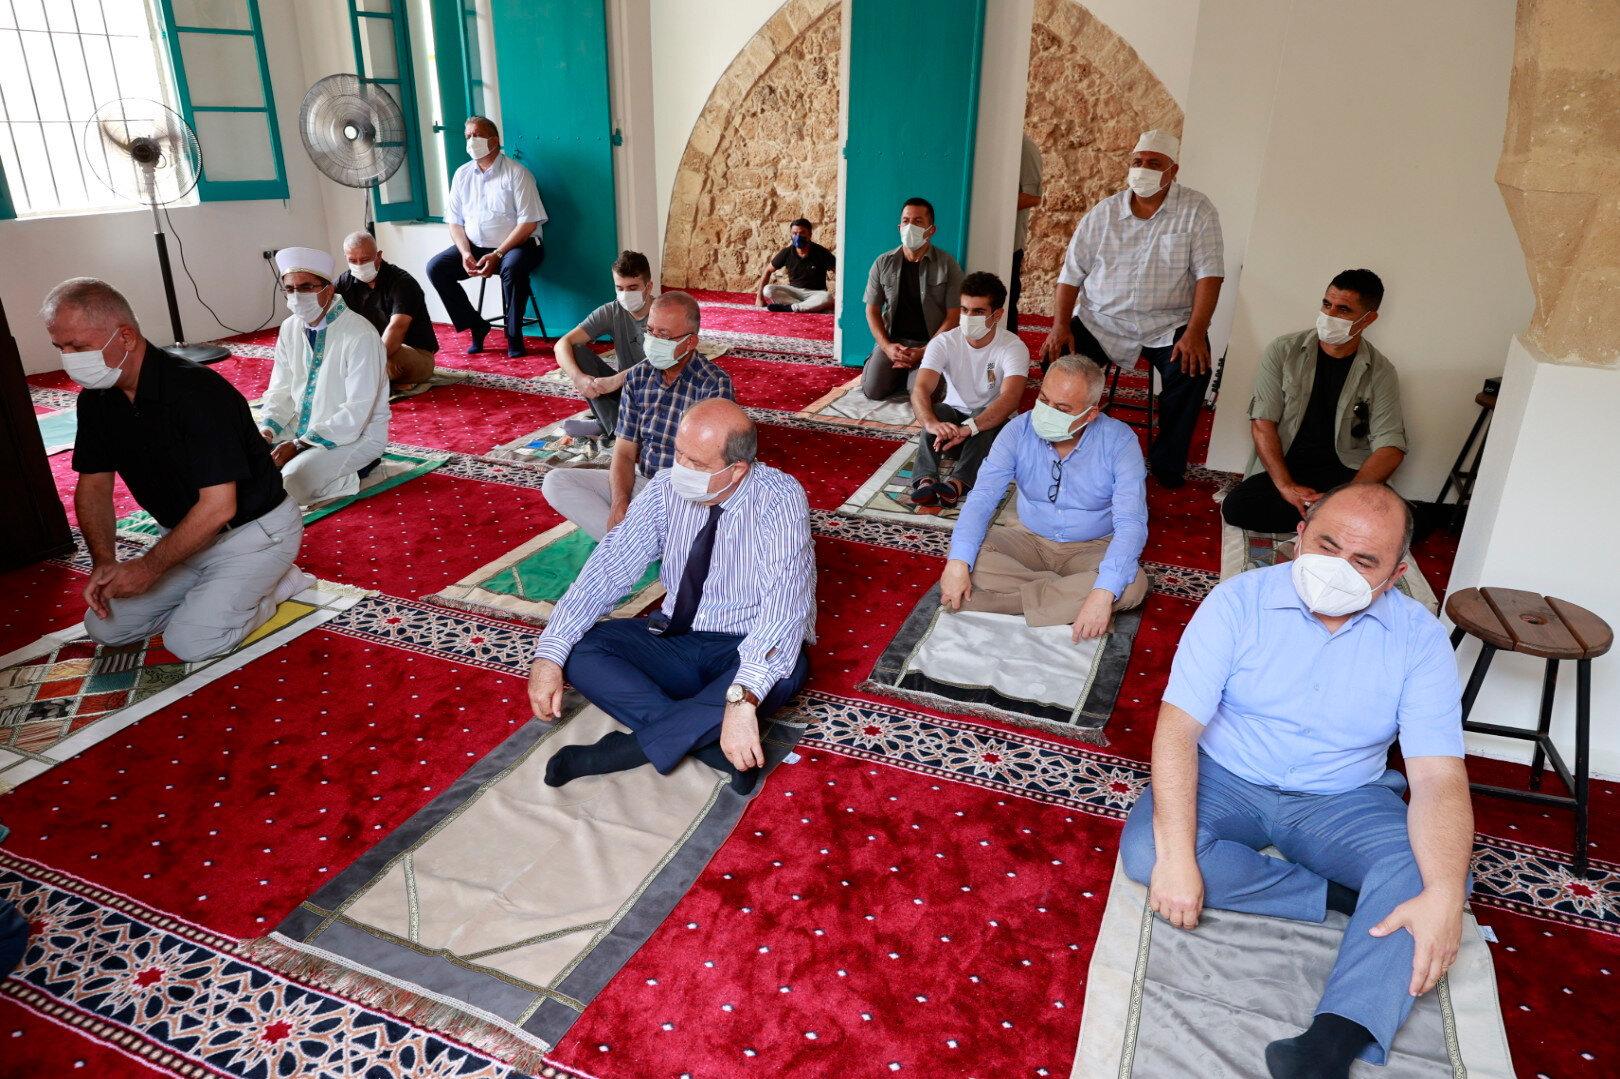 Cumhurbaşkanı Tatar, Maraş'taki hayatın da yavaş yavaş halka açıldığını vurguladı.